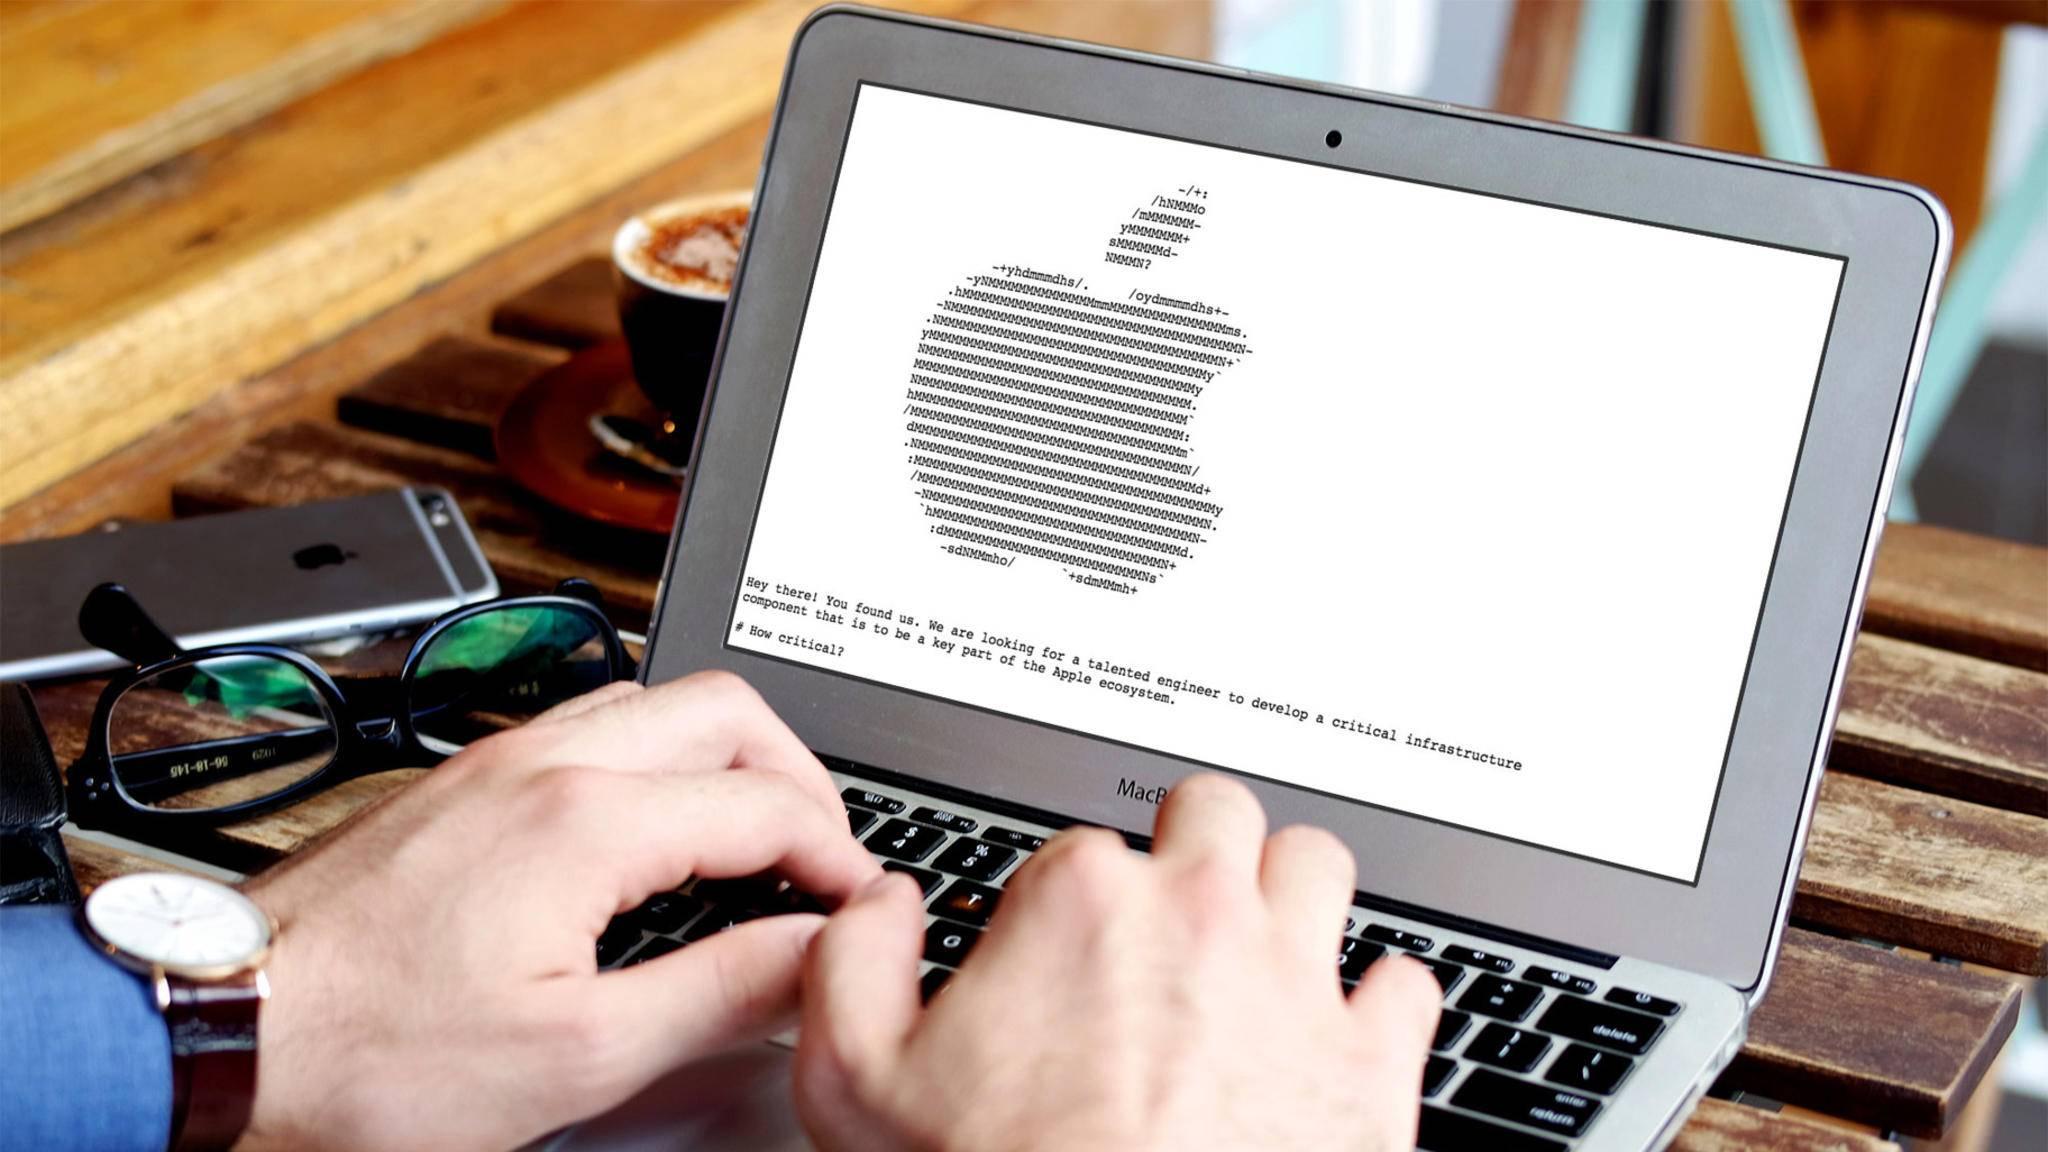 Wer diese geheime Apple-Webseite gefunden hatte, konnte sich direkt bei Apple für einen Job als Programmierer bewerben.